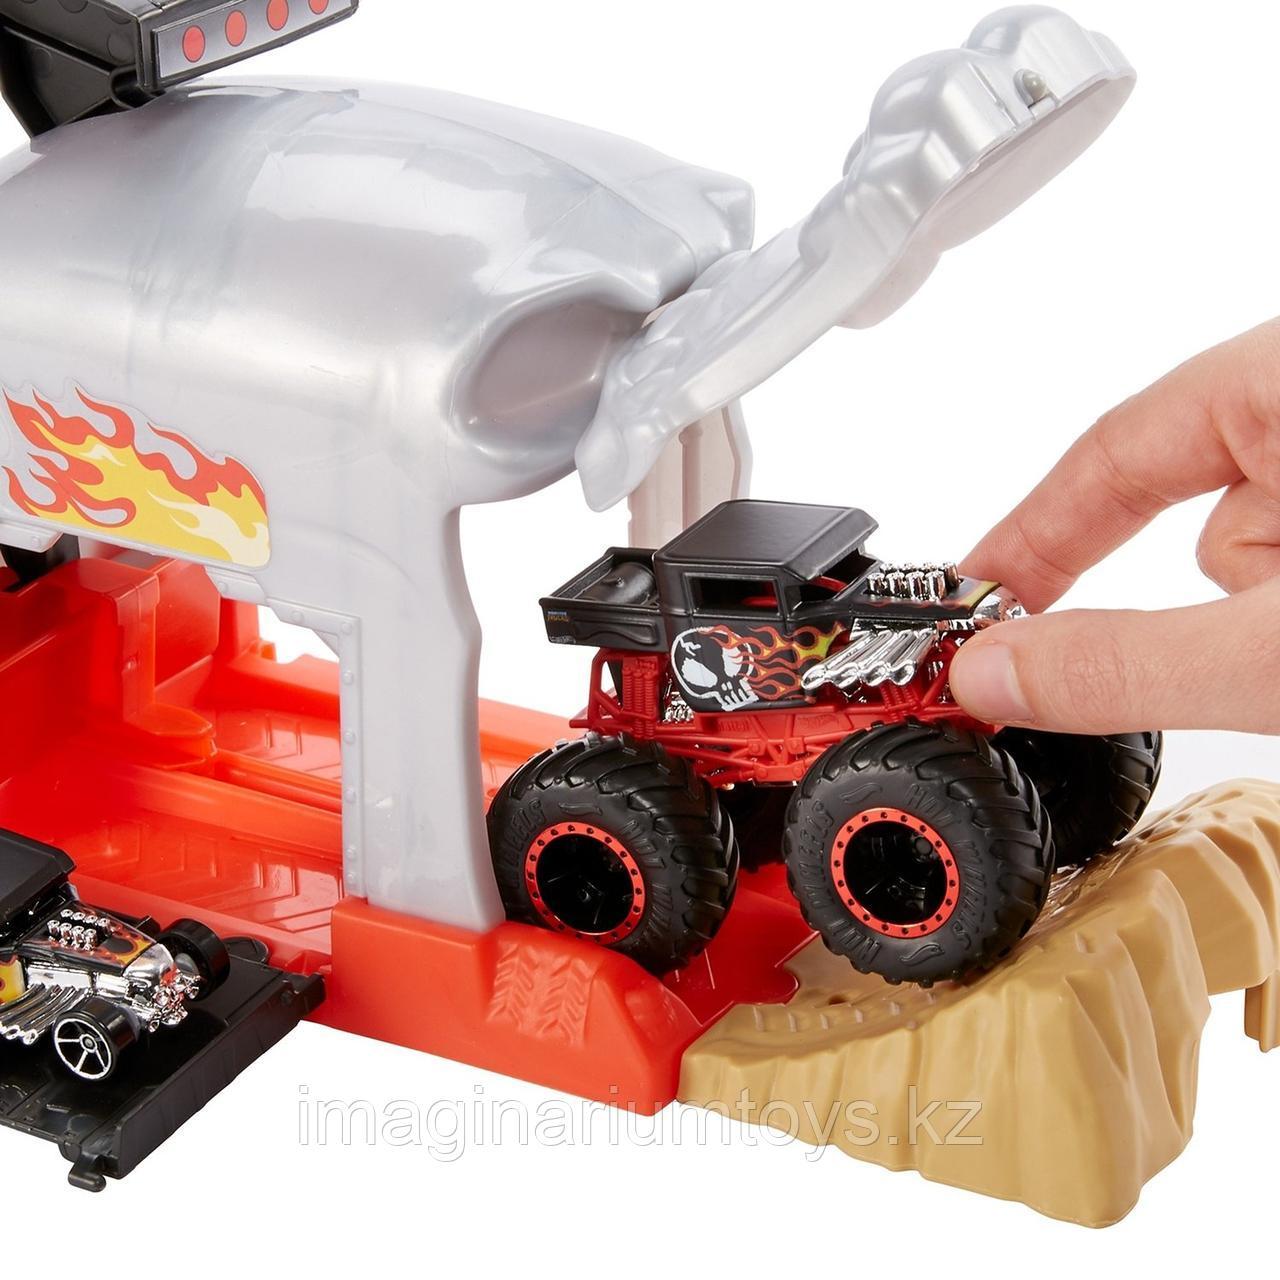 Hot Wheels игровой набор Монстр-Трак Пусковой гараж Череп - фото 6